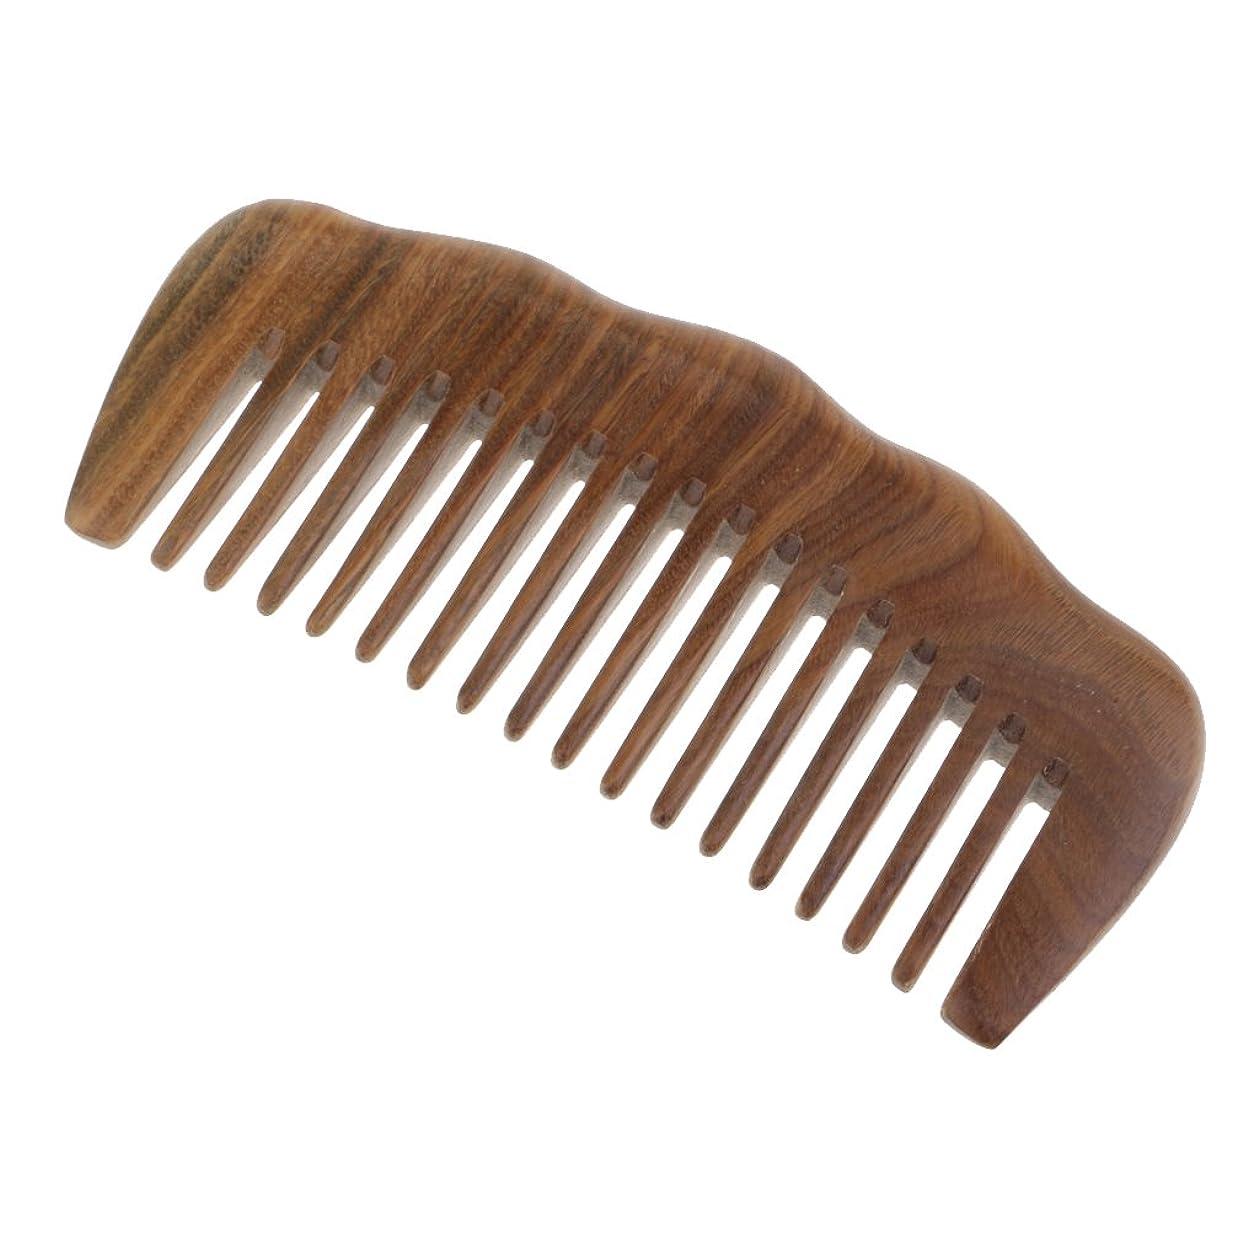 ランプレキシコン回想CUTICATE 帯電防止櫛 木製櫛 頭皮マッサージ ヘアコーム 木製ワイド歯ブラシ